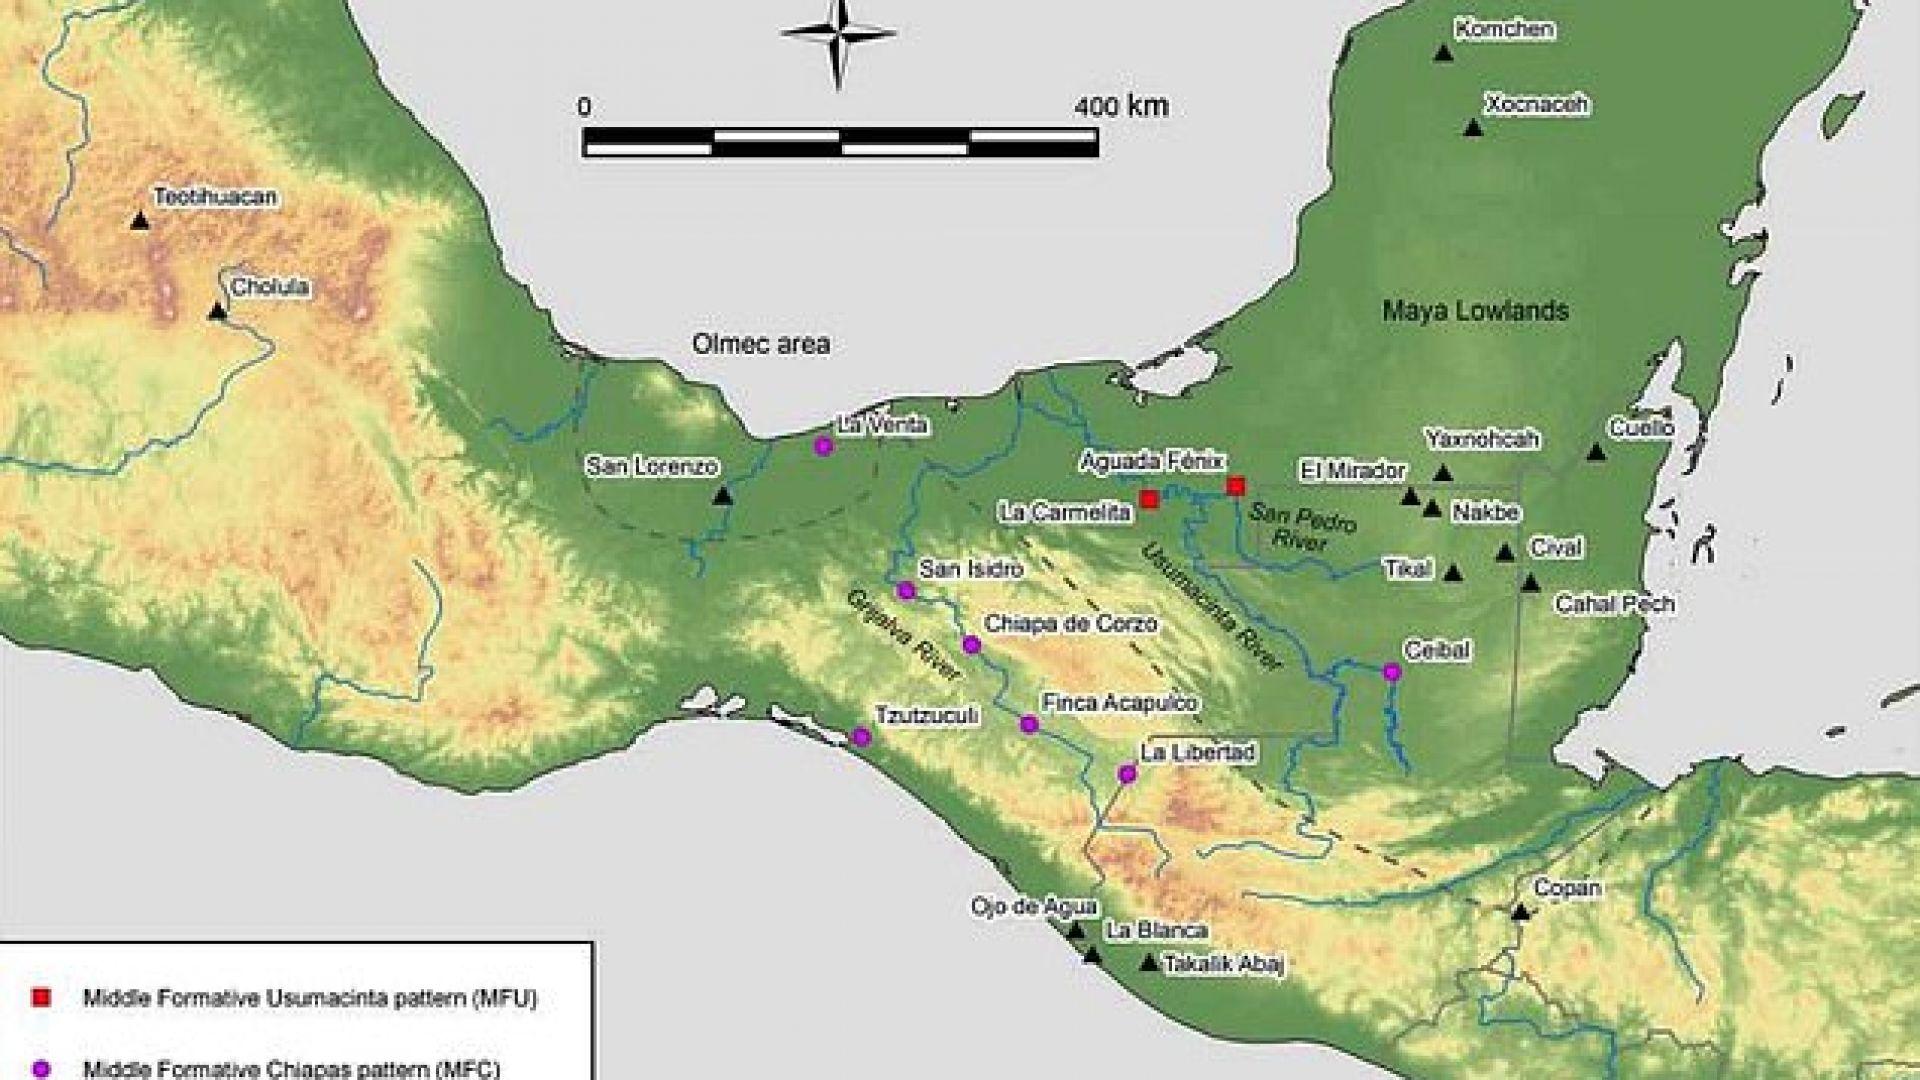 Aquada Fénix се намира в Мексико, но е непосредствено до границата с Гватемала